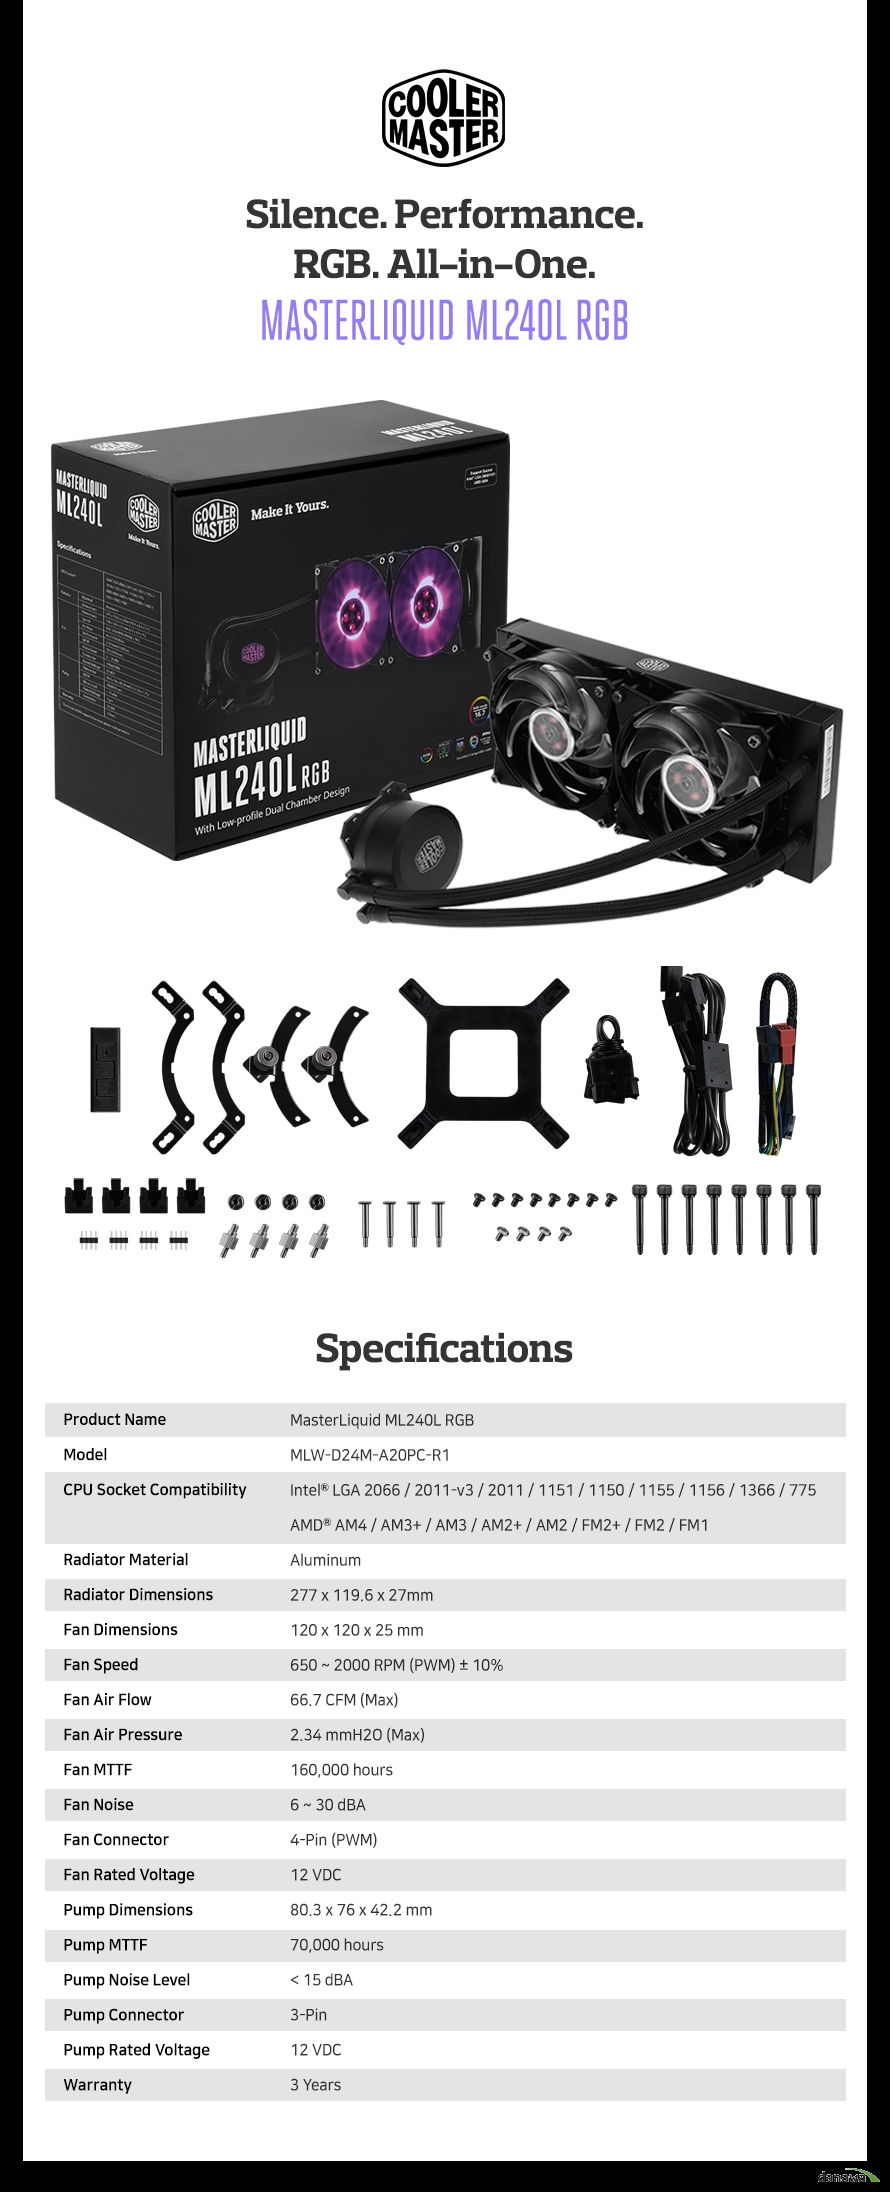 Product Name MasterLiquid ML240L RGBModel MLW-D24M-A20PC-R1CPU Socket Compatibility Intel® LGA 2066 / 2011-v3 / 2011 / 1151 / 1150 / 1155 / 1156 / 1366 / 775 AMD® AM4 / AM3+ / AM3 / AM2+ / AM2 / FM2+ / FM2 / FM1Radiator Material AluminumRadiator Dimensions 277 x 119.6 x 27mmFan Dimensions 120 x 120 x 25 mmFan Speed 650 ~ 2000 RPM (PWM) ± 10%Fan Air Flow 66.7 CFM (Max)Fan Air Pressure 2.34 mmH2O (Max)Fan MTTF 160,000 hoursFan Noise 6 ~ 30 dBAFan Connector 4-Pin (PWM)Fan Rated Voltage 12 VDCPump Dimensions 80.3 x 76 x 42.2 mmPump MTTF 70,000 hoursPump Noise Level < 15 dBAPump Connector 3-PinPump Rated Voltage 12 VDCWarranty 2 Years 품질보증의 범위는 제품의 기능이나 성능상 하자로 제한하며 본 제품 이외의 손해에 대해서는 책임지지 않습니다.